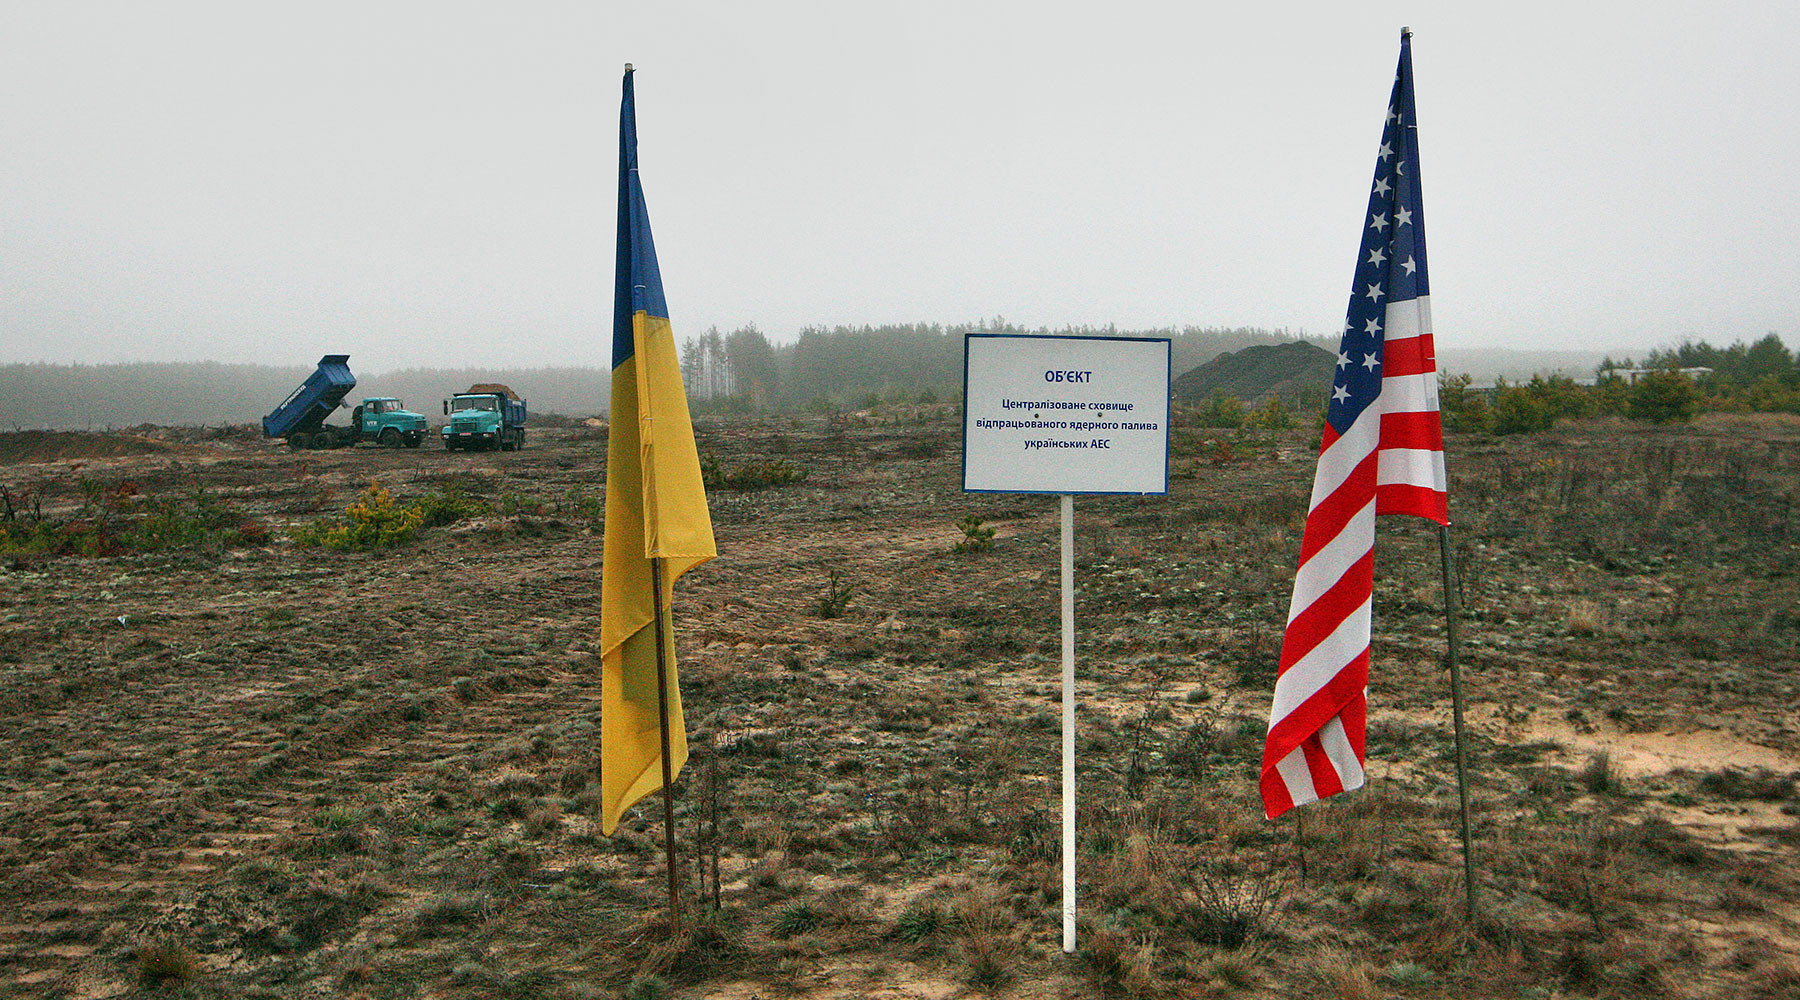 «Небезопасный эксперимент»: зачем американцы строят на Украине хранилище для отработавшего ядерного топлива